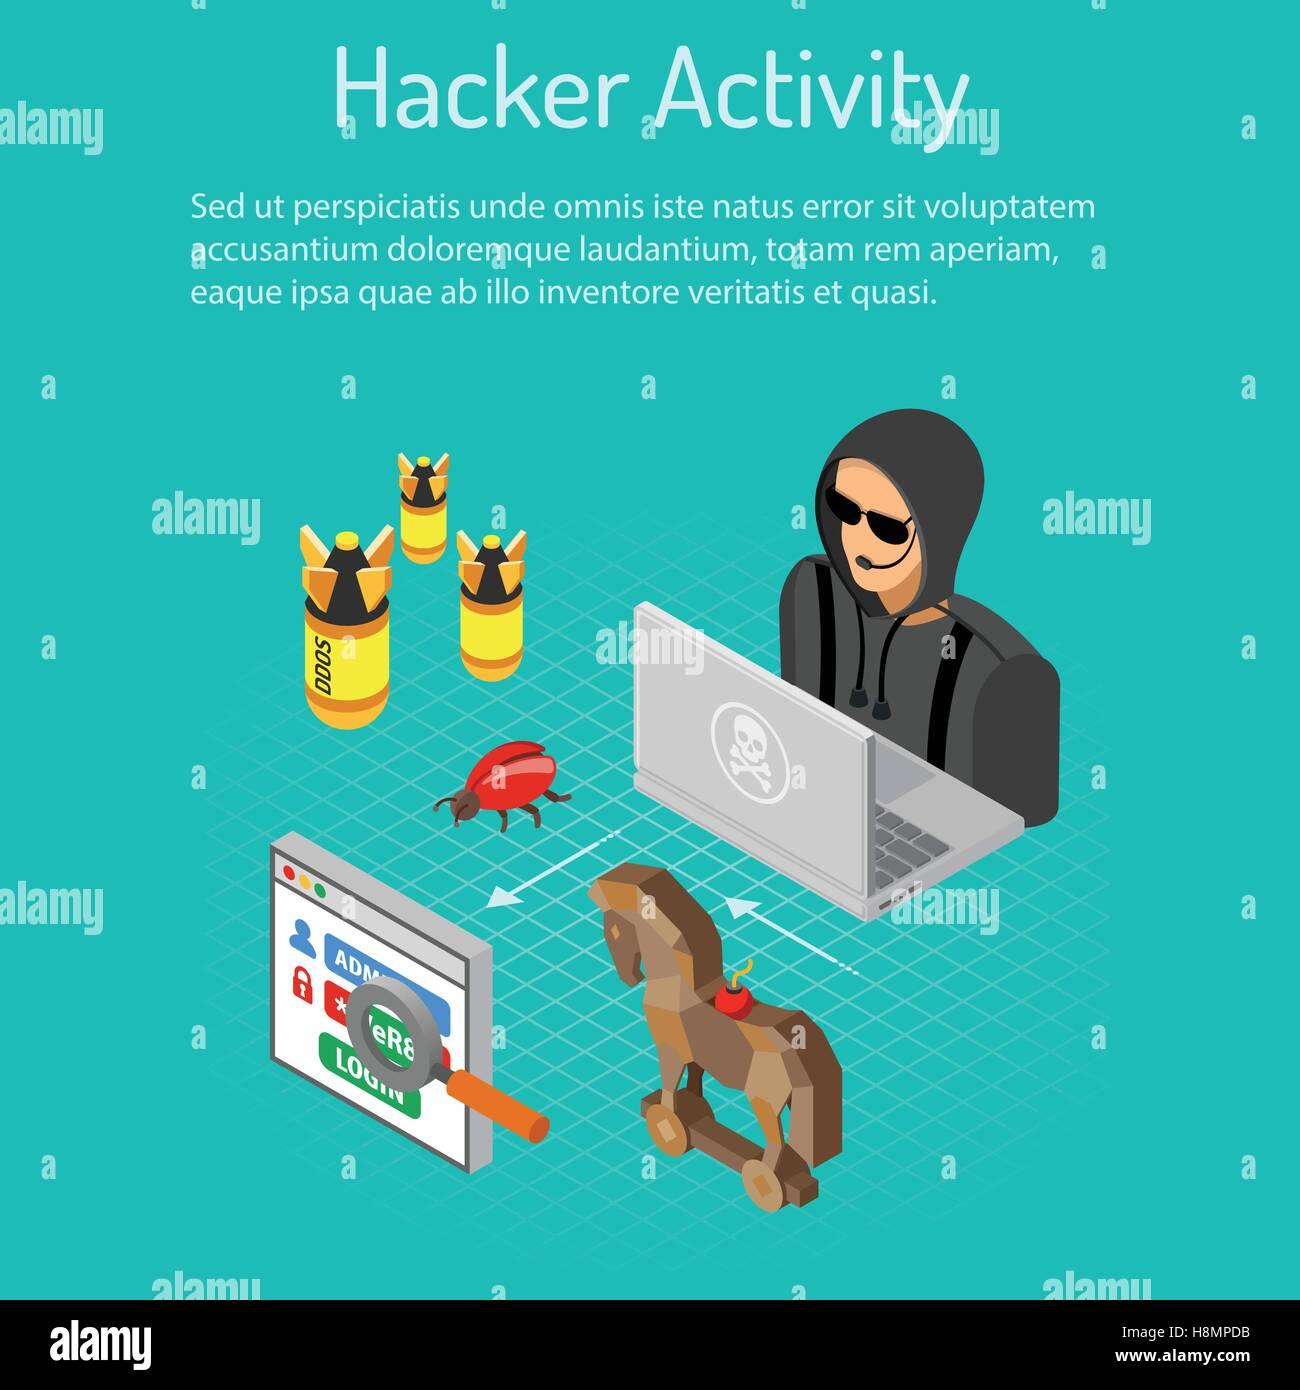 Concepto de actividad hacker Imagen De Stock